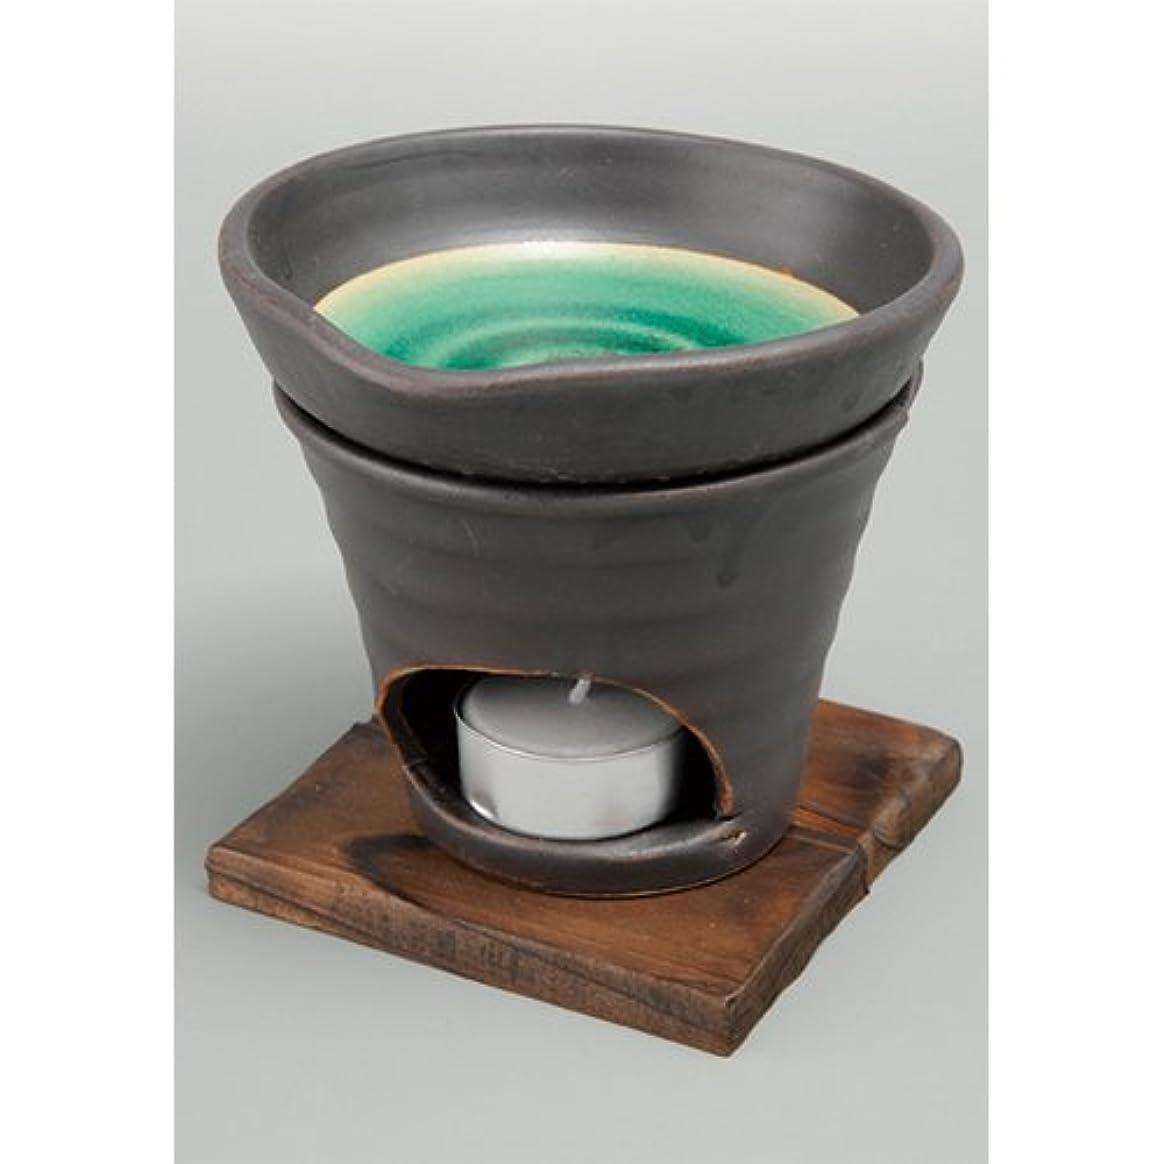 雰囲気藤色香炉 黒釉 茶香炉(緑) [R11.8xH11.5cm] HANDMADE プレゼント ギフト 和食器 かわいい インテリア